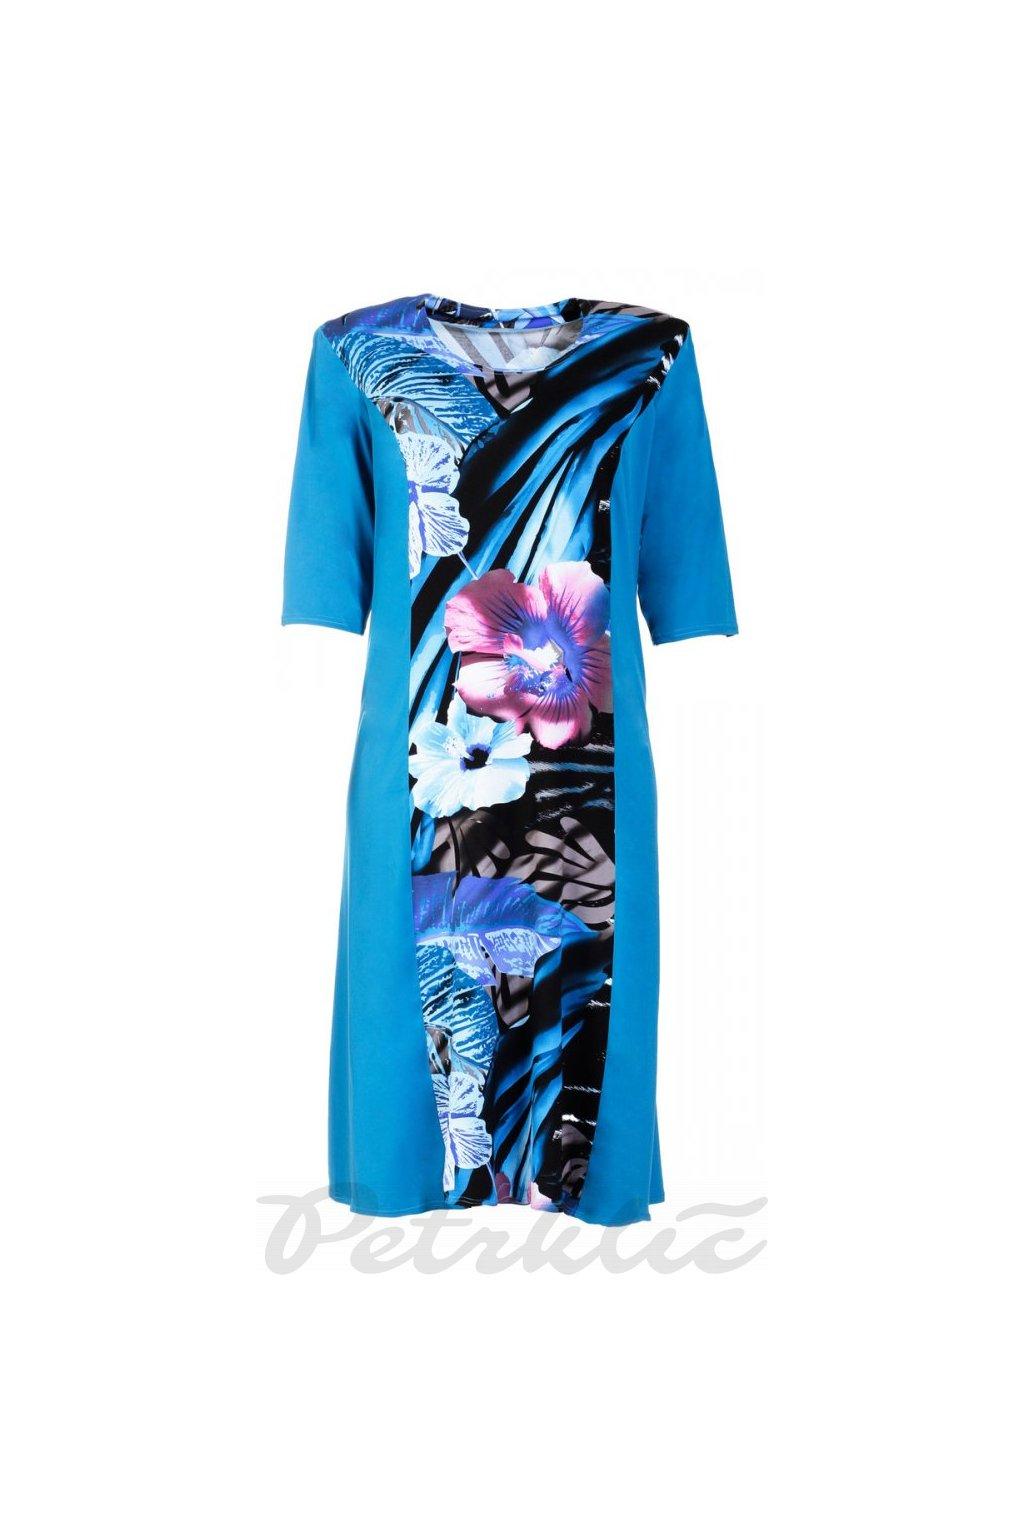 LILIANA modré šaty - 3 délky